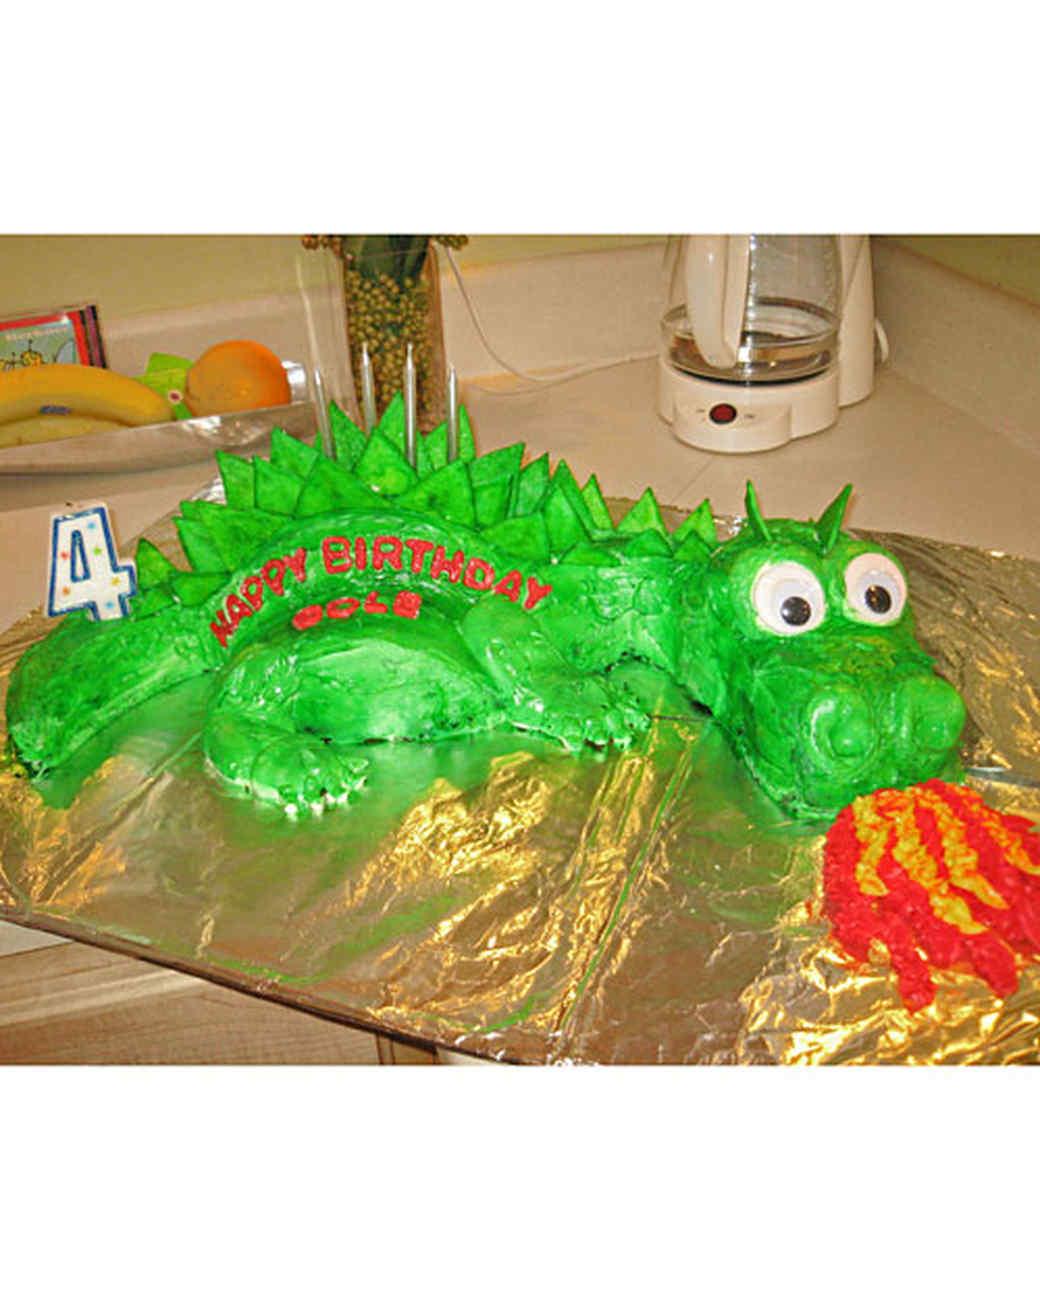 ms_celebrate_dragon_cake.jpg